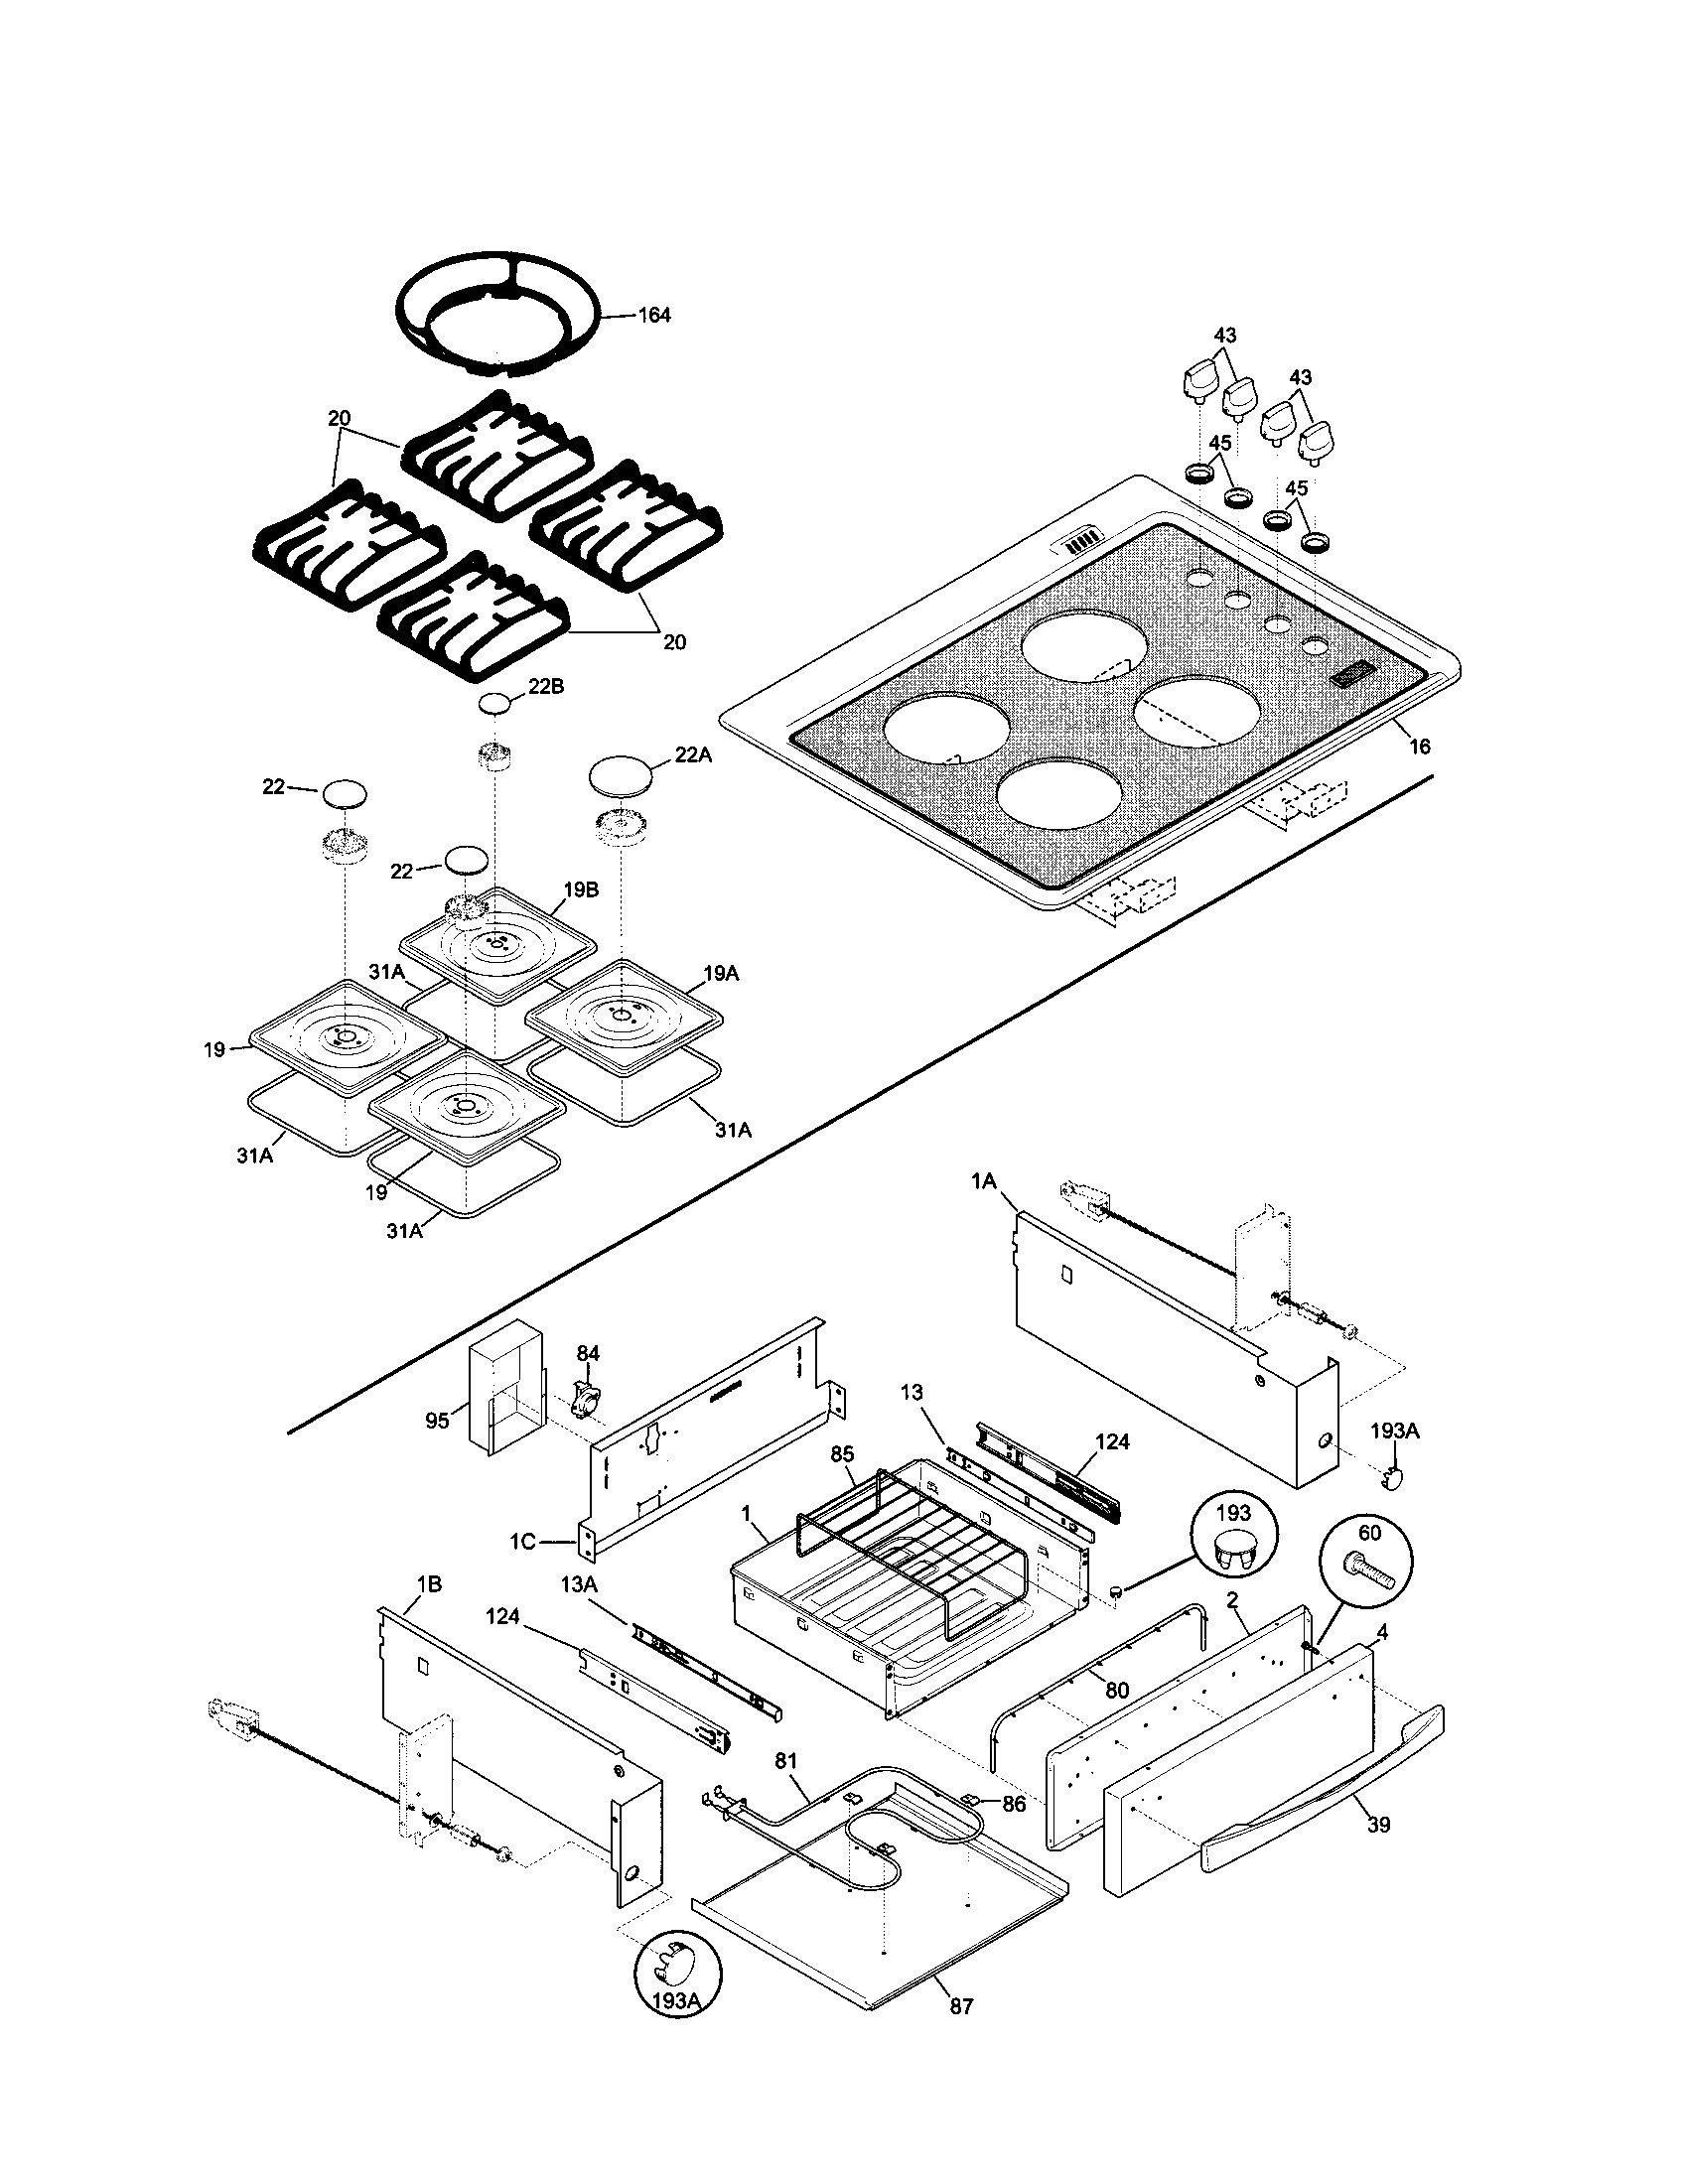 48 viking dual fuel range wiring diagrams